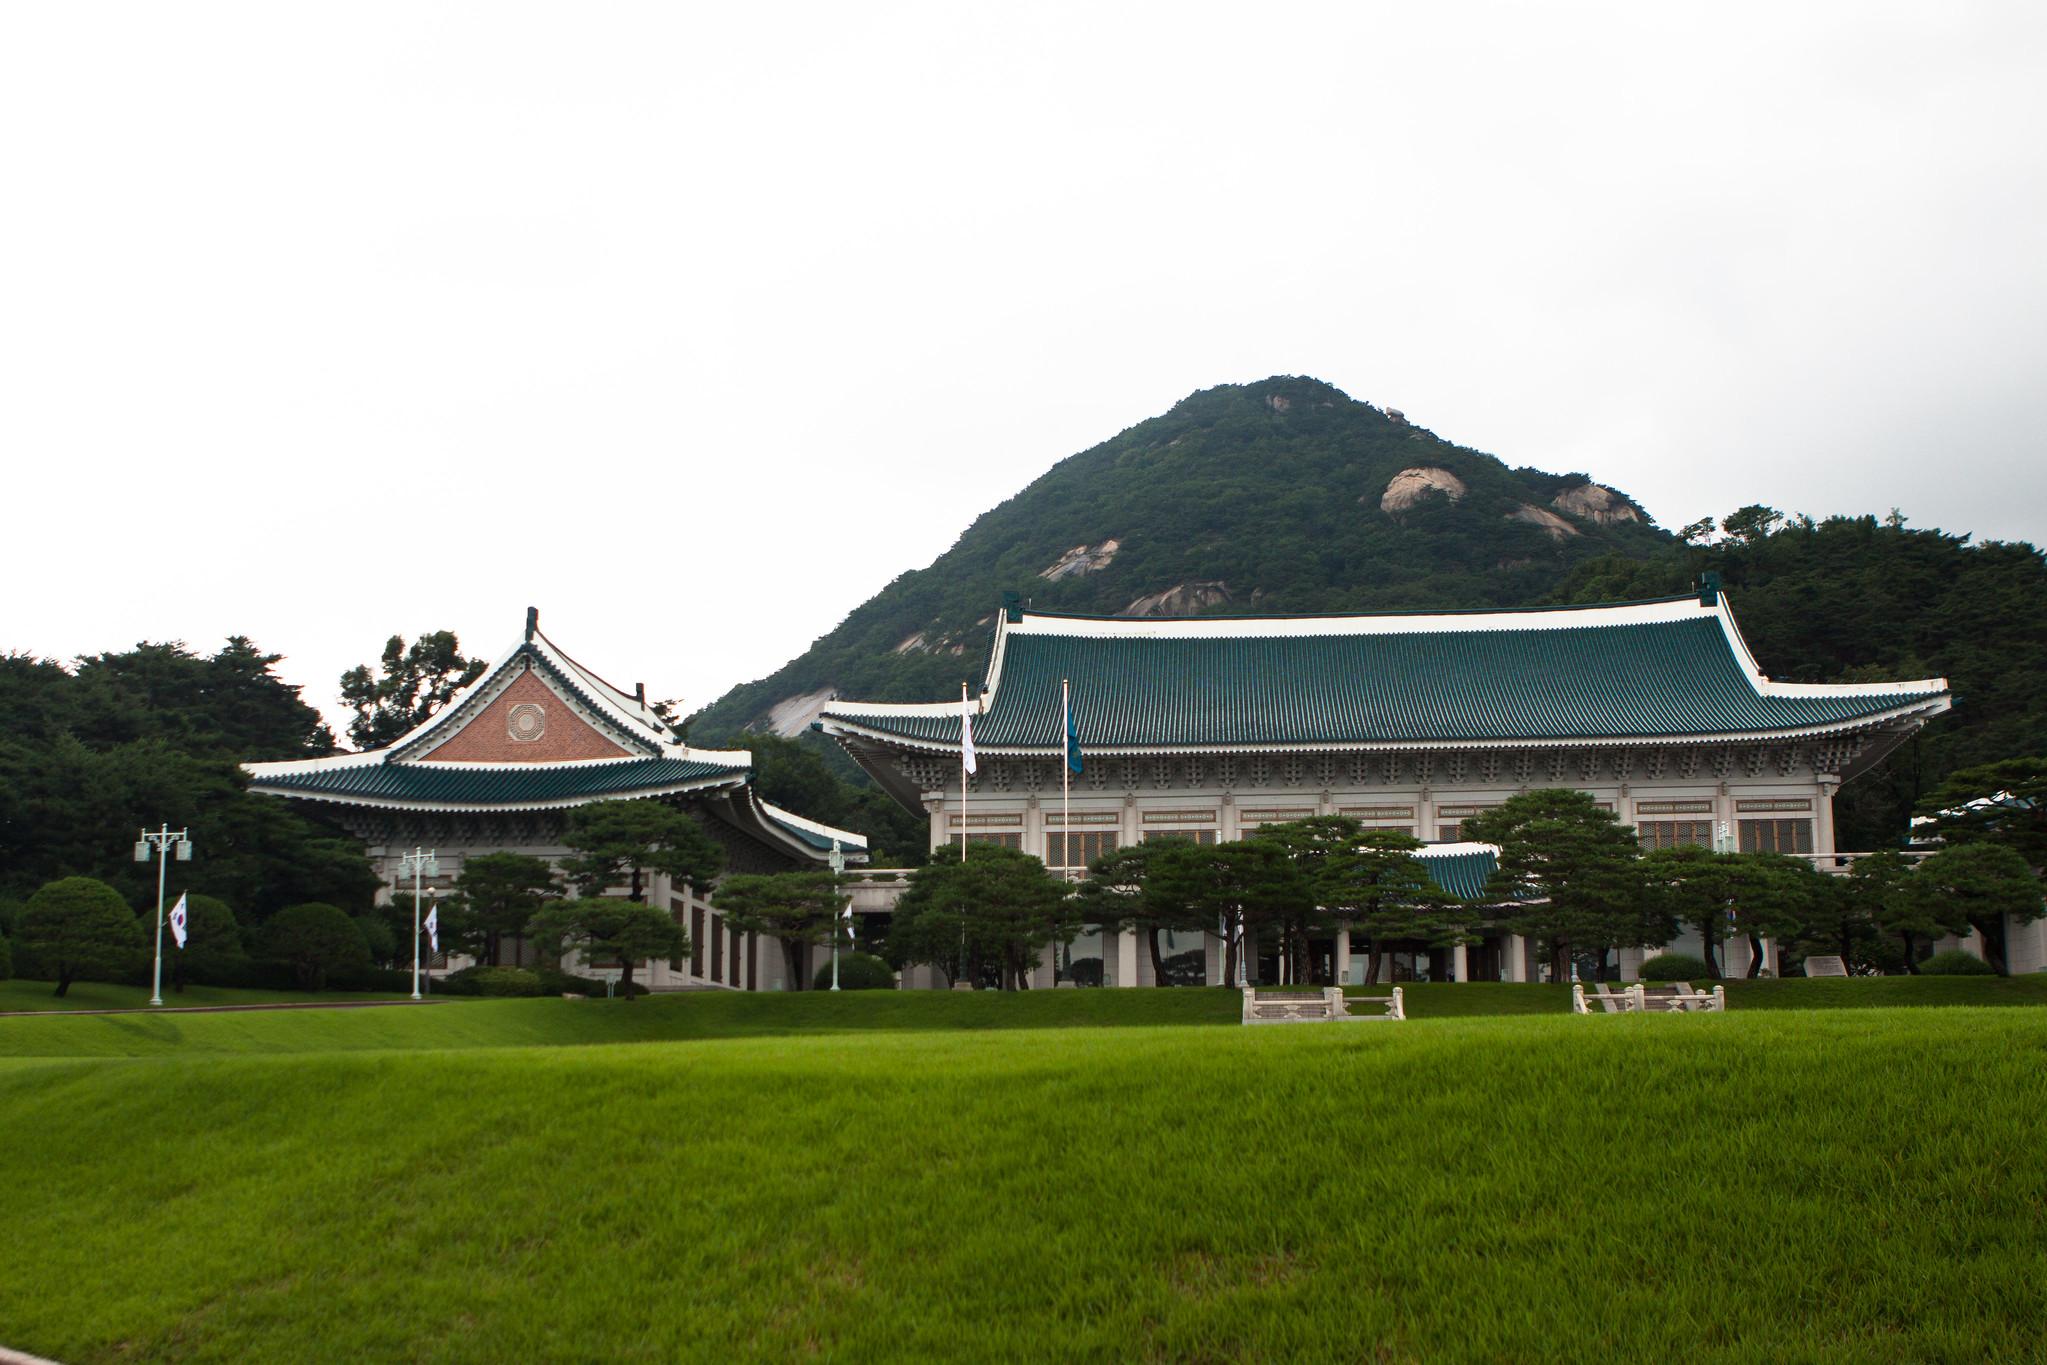 Blue House in Korea